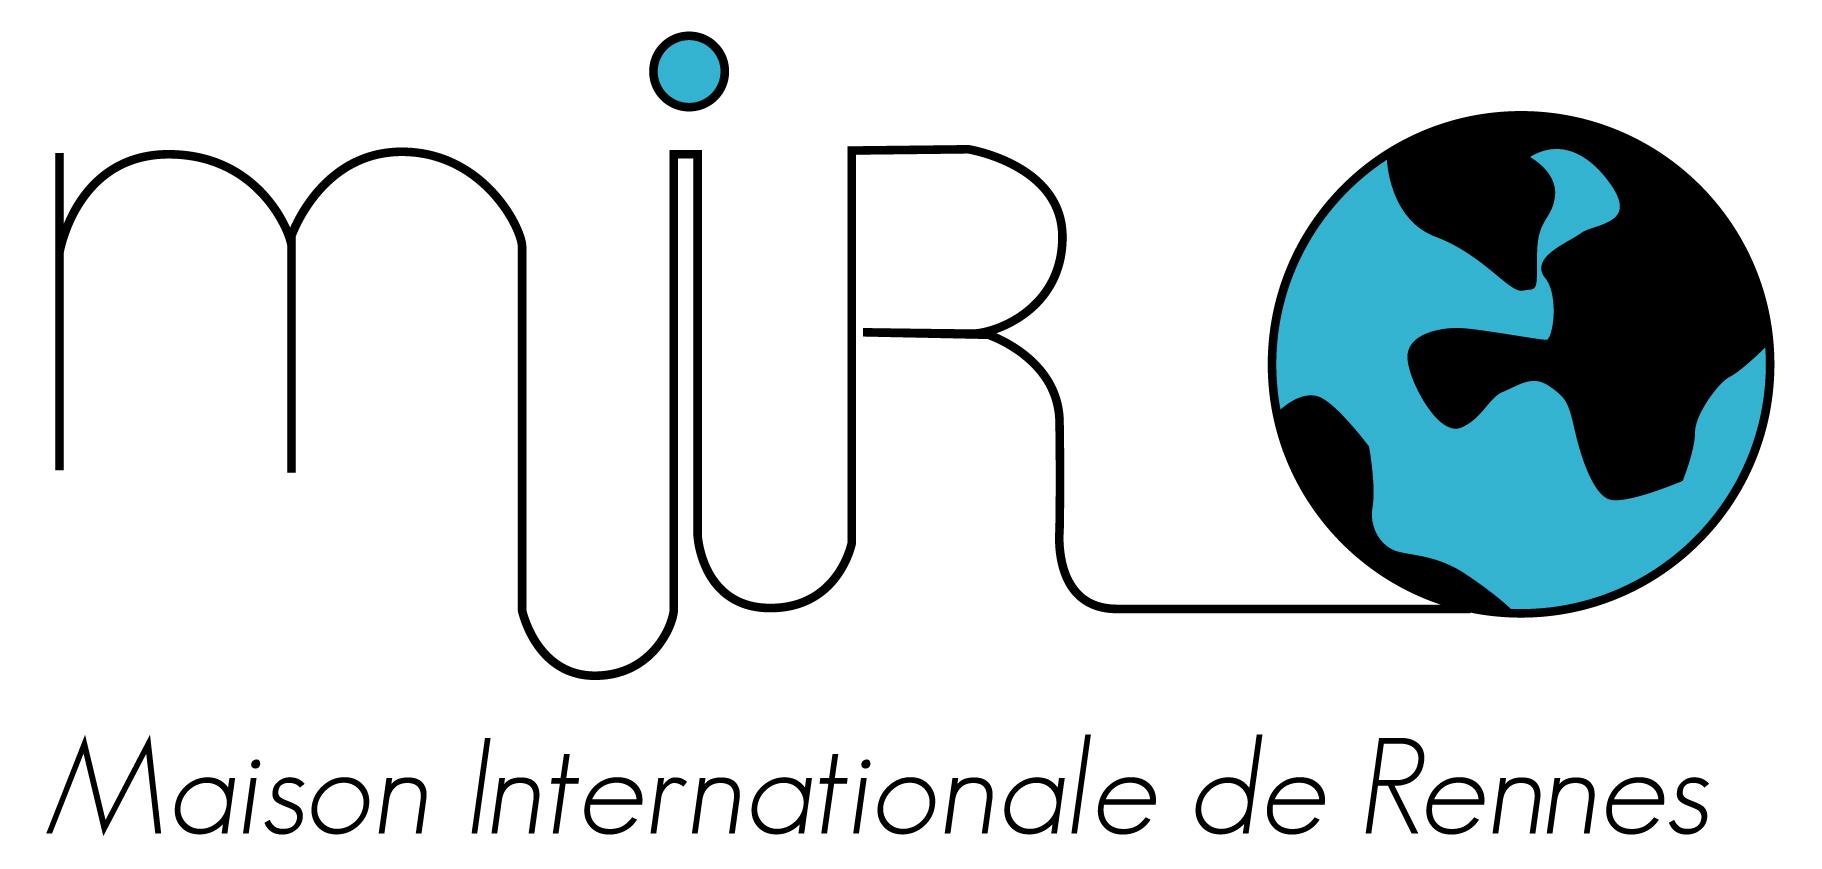 Logomir Noir Et Bleu.ai